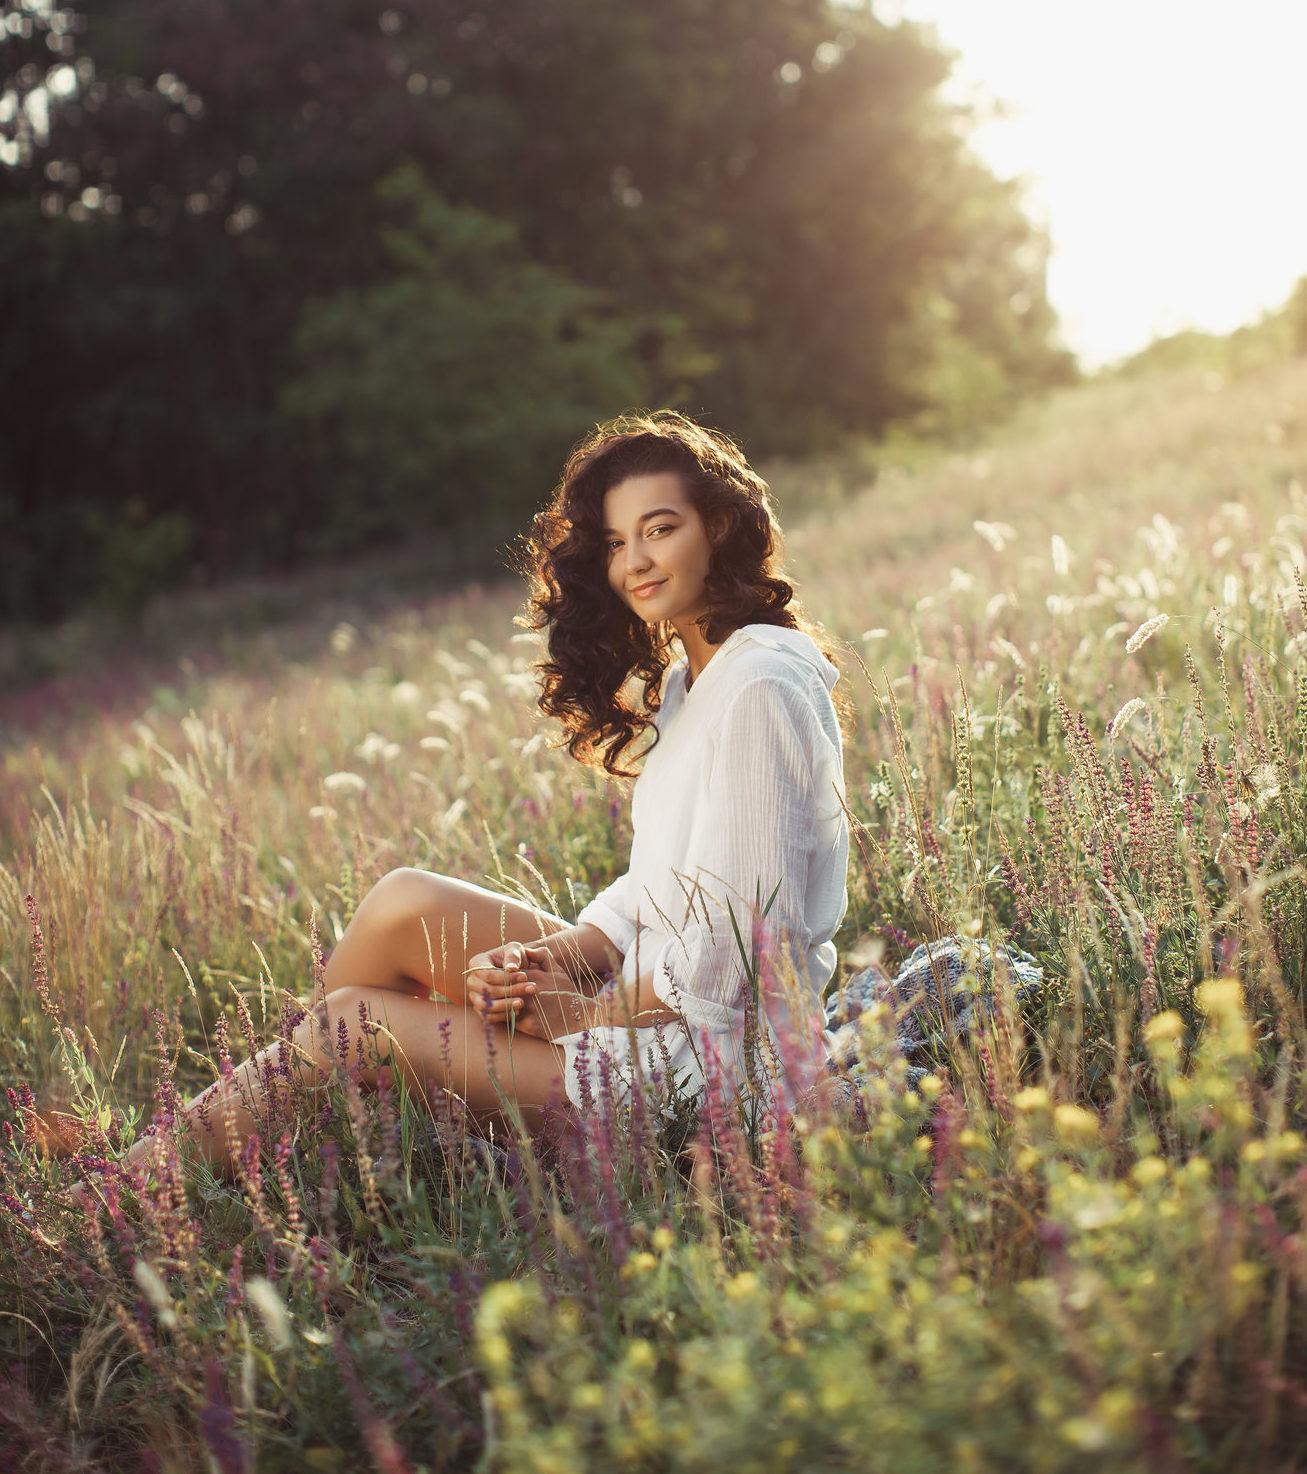 Femme détendue dans un champs